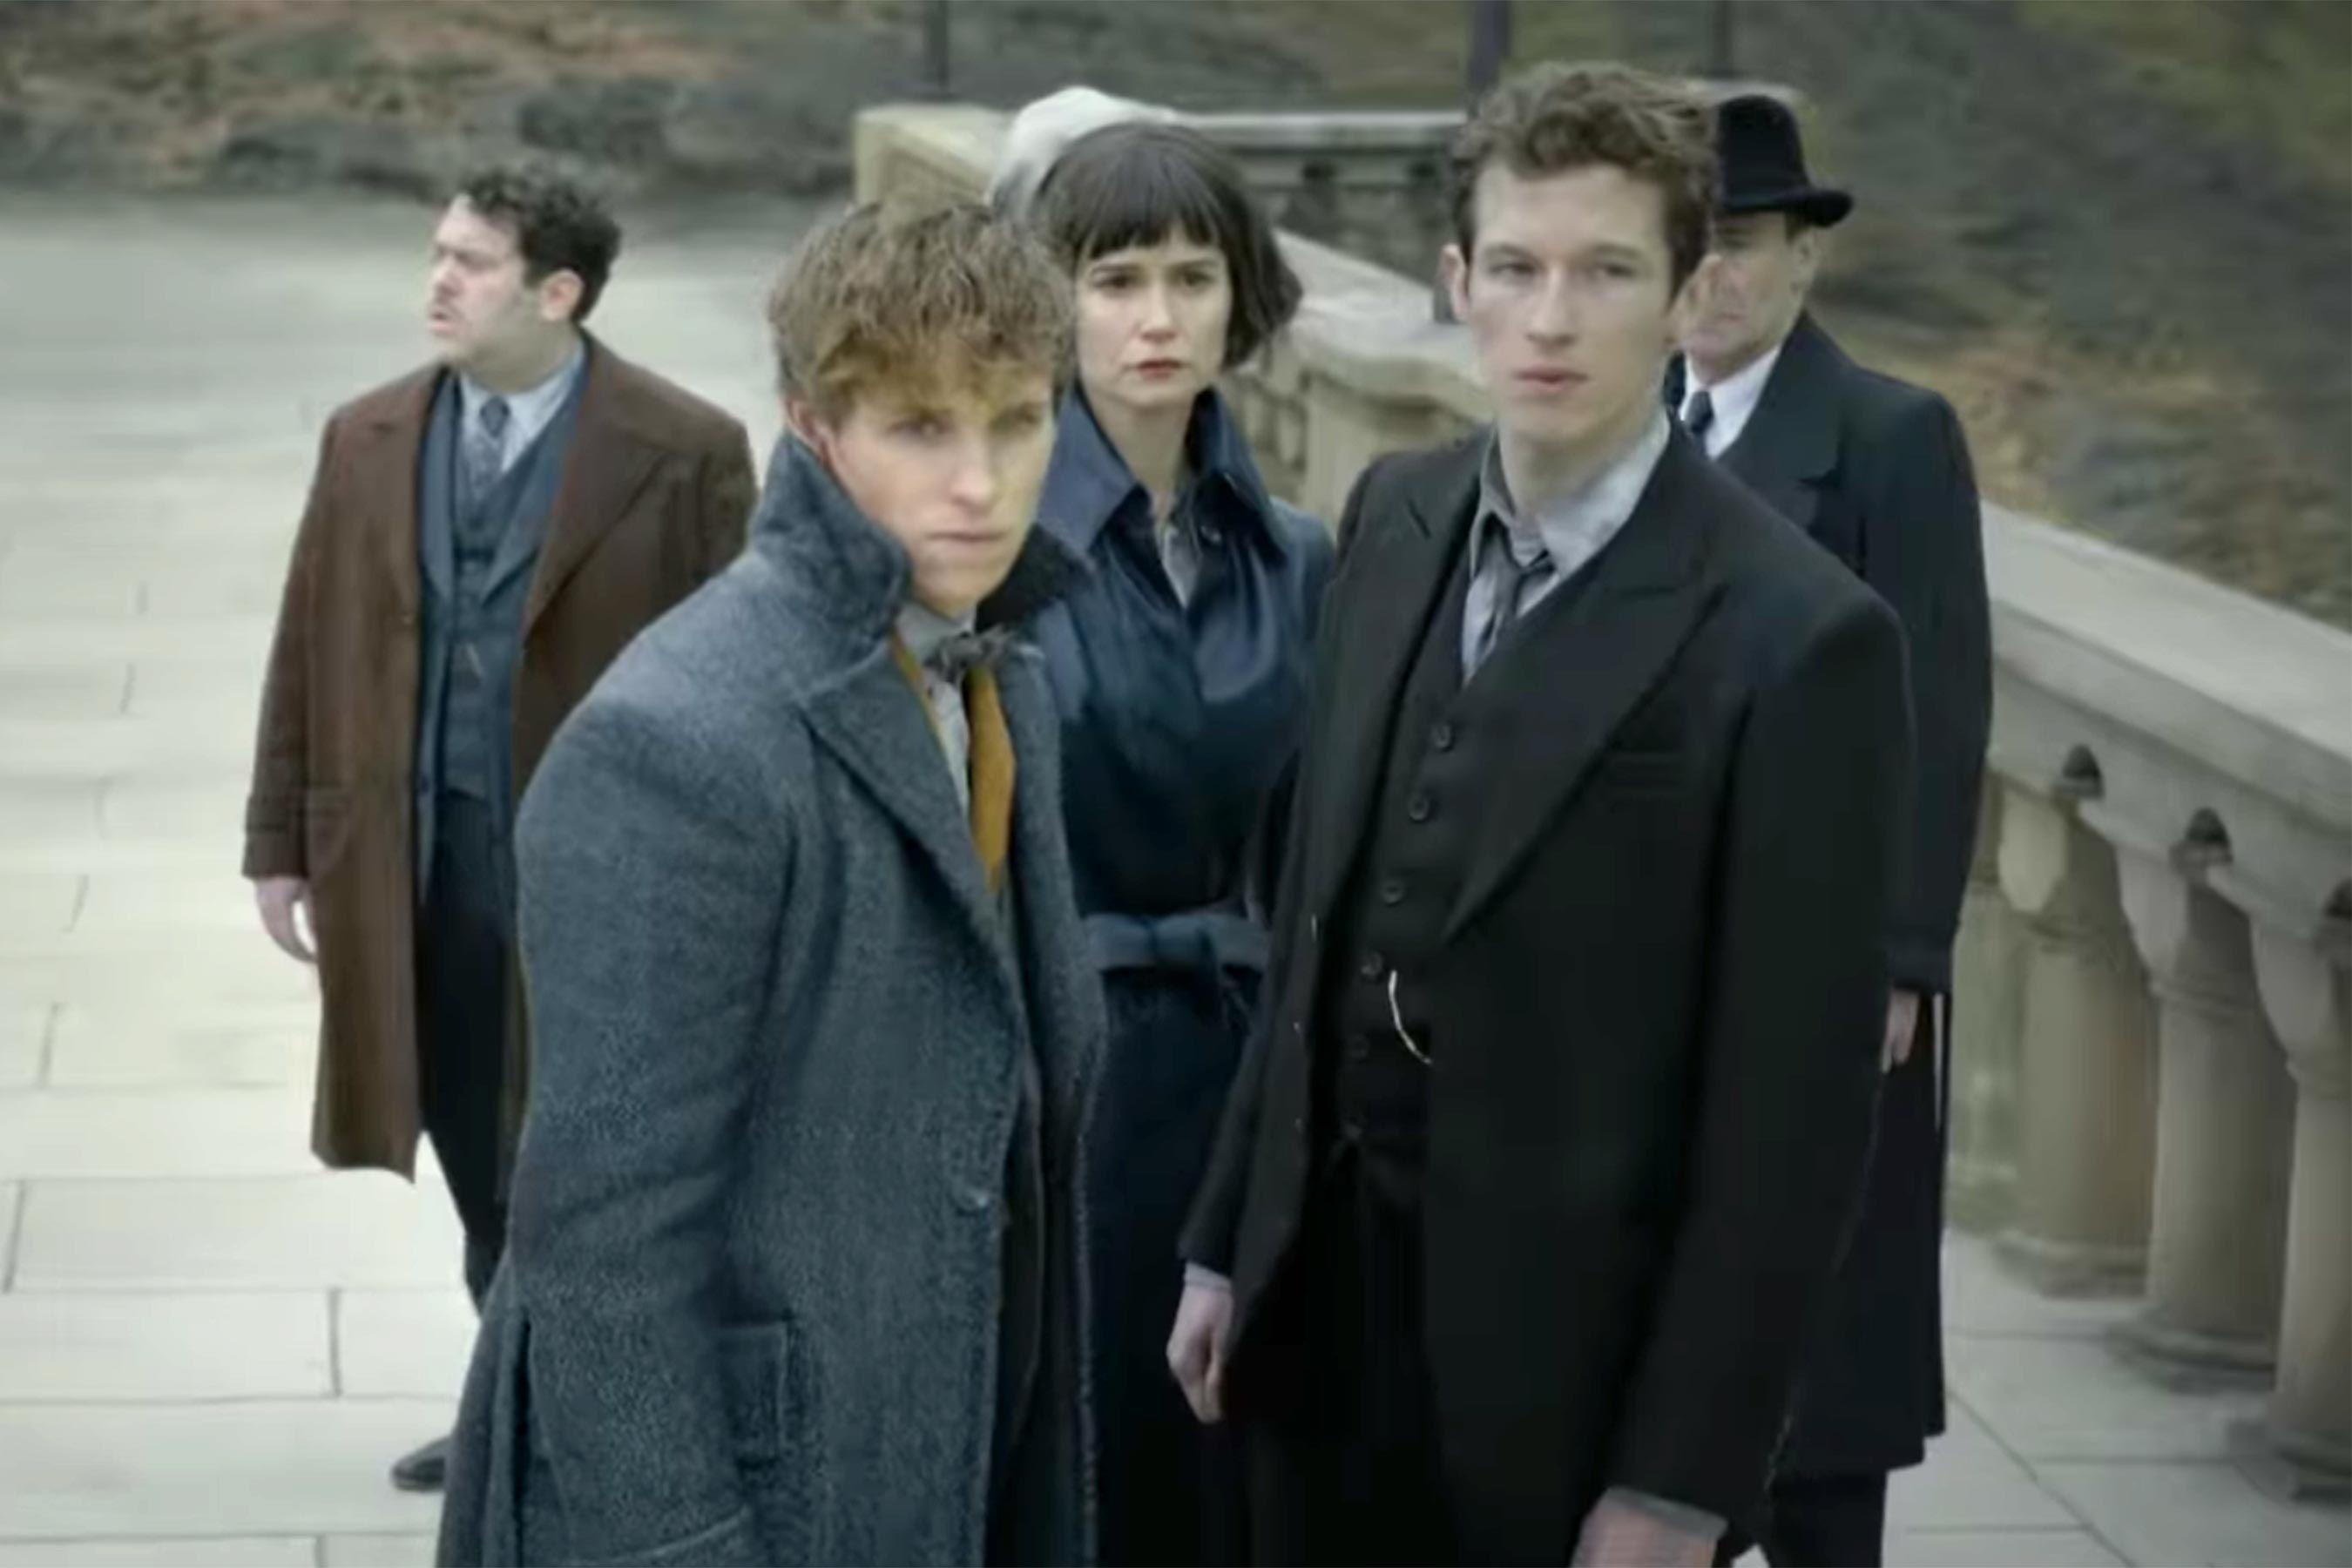 Fantastic Beasts Crimes Of Grindelwald Final Trailer Reveals Big